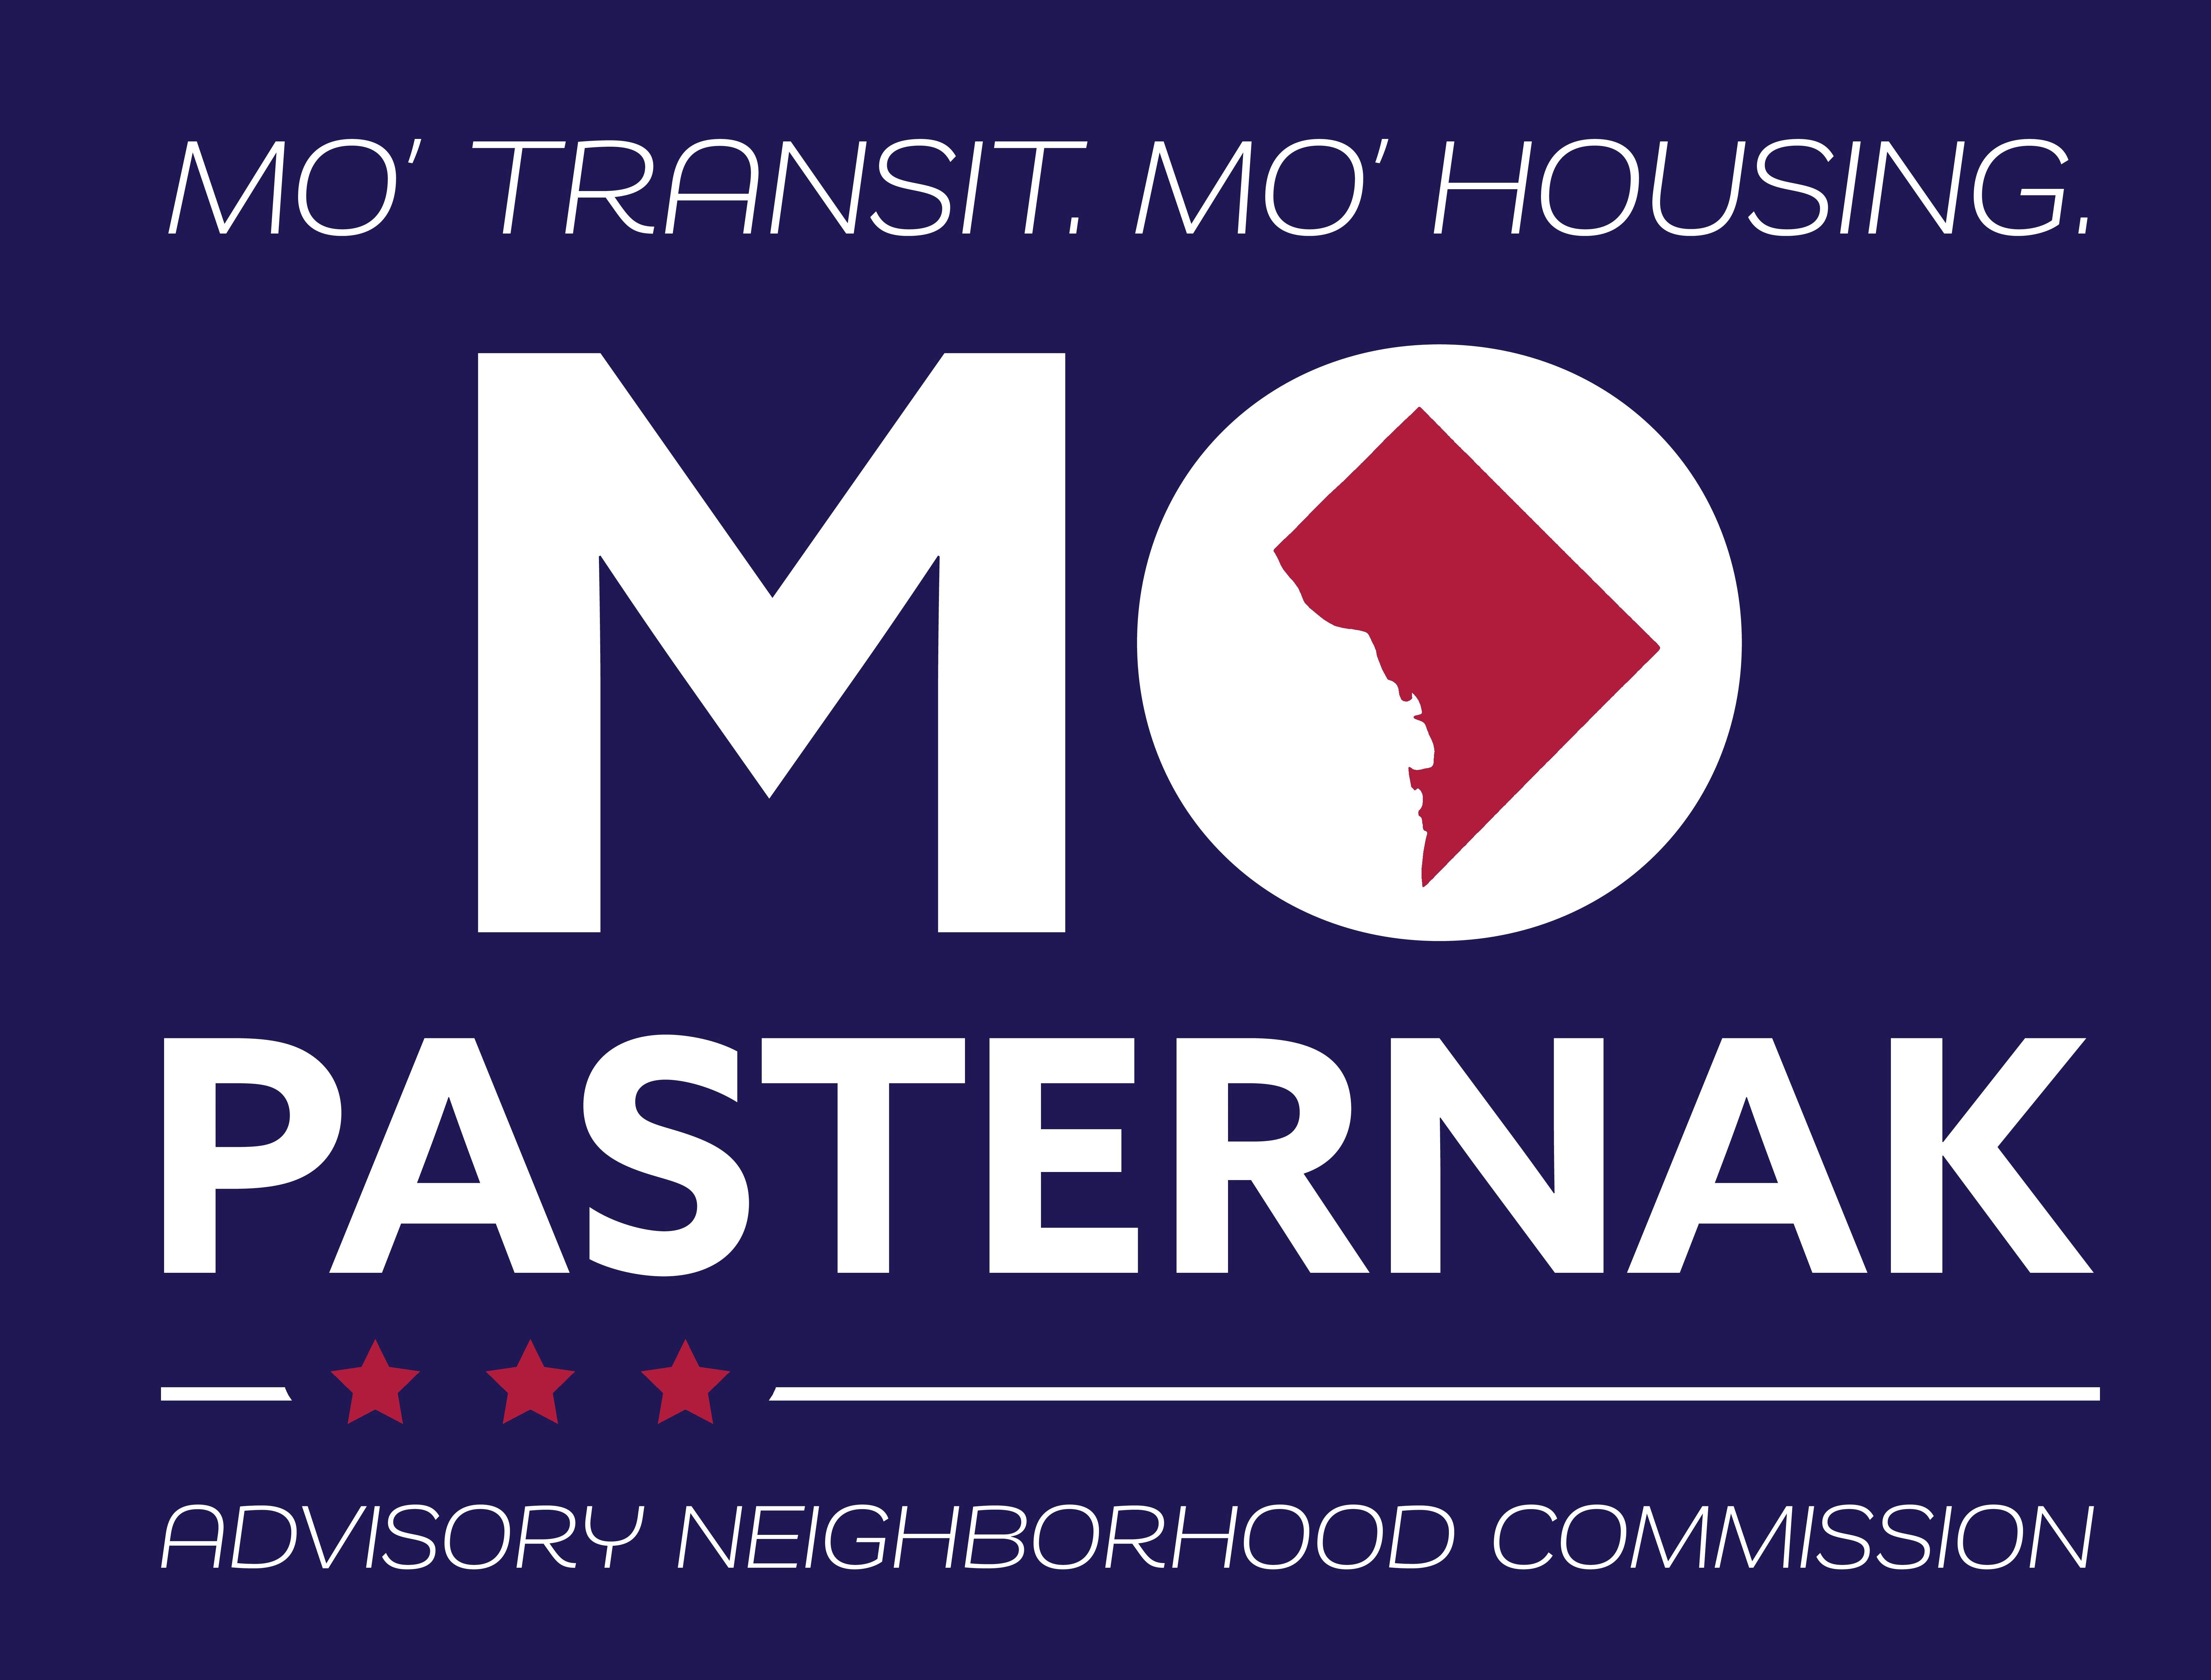 Mo Transit. Mo Housing. Mo Pasternak (logo)